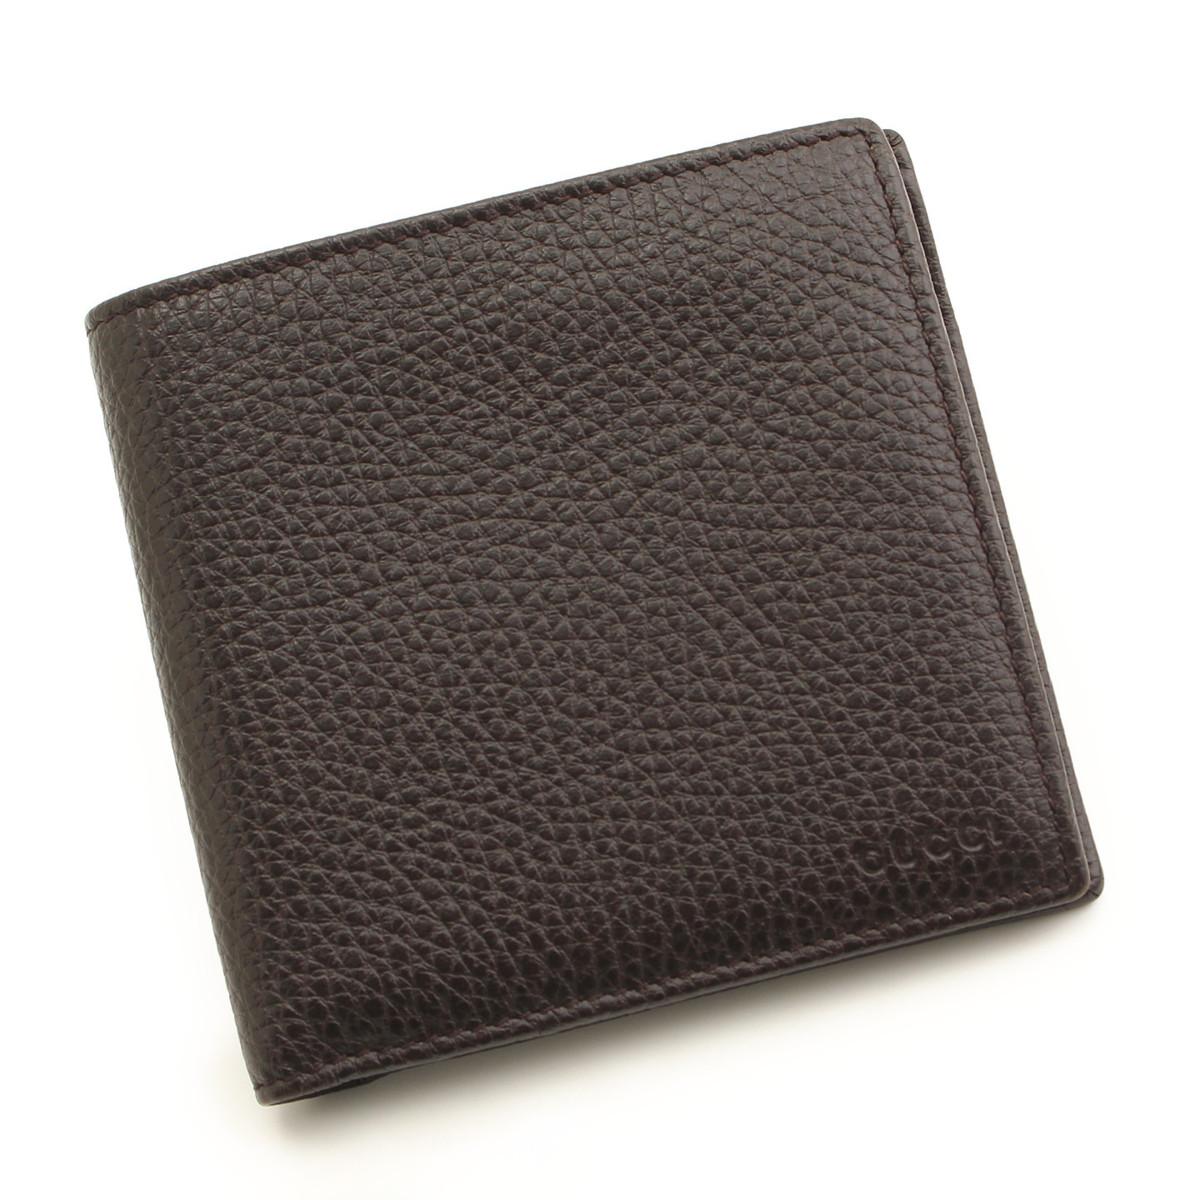 【グッチ】Gucci メンズ レザー 二つ折り 財布 150413 ダークブラウン 【中古】【鑑定済・正規品保証】35356